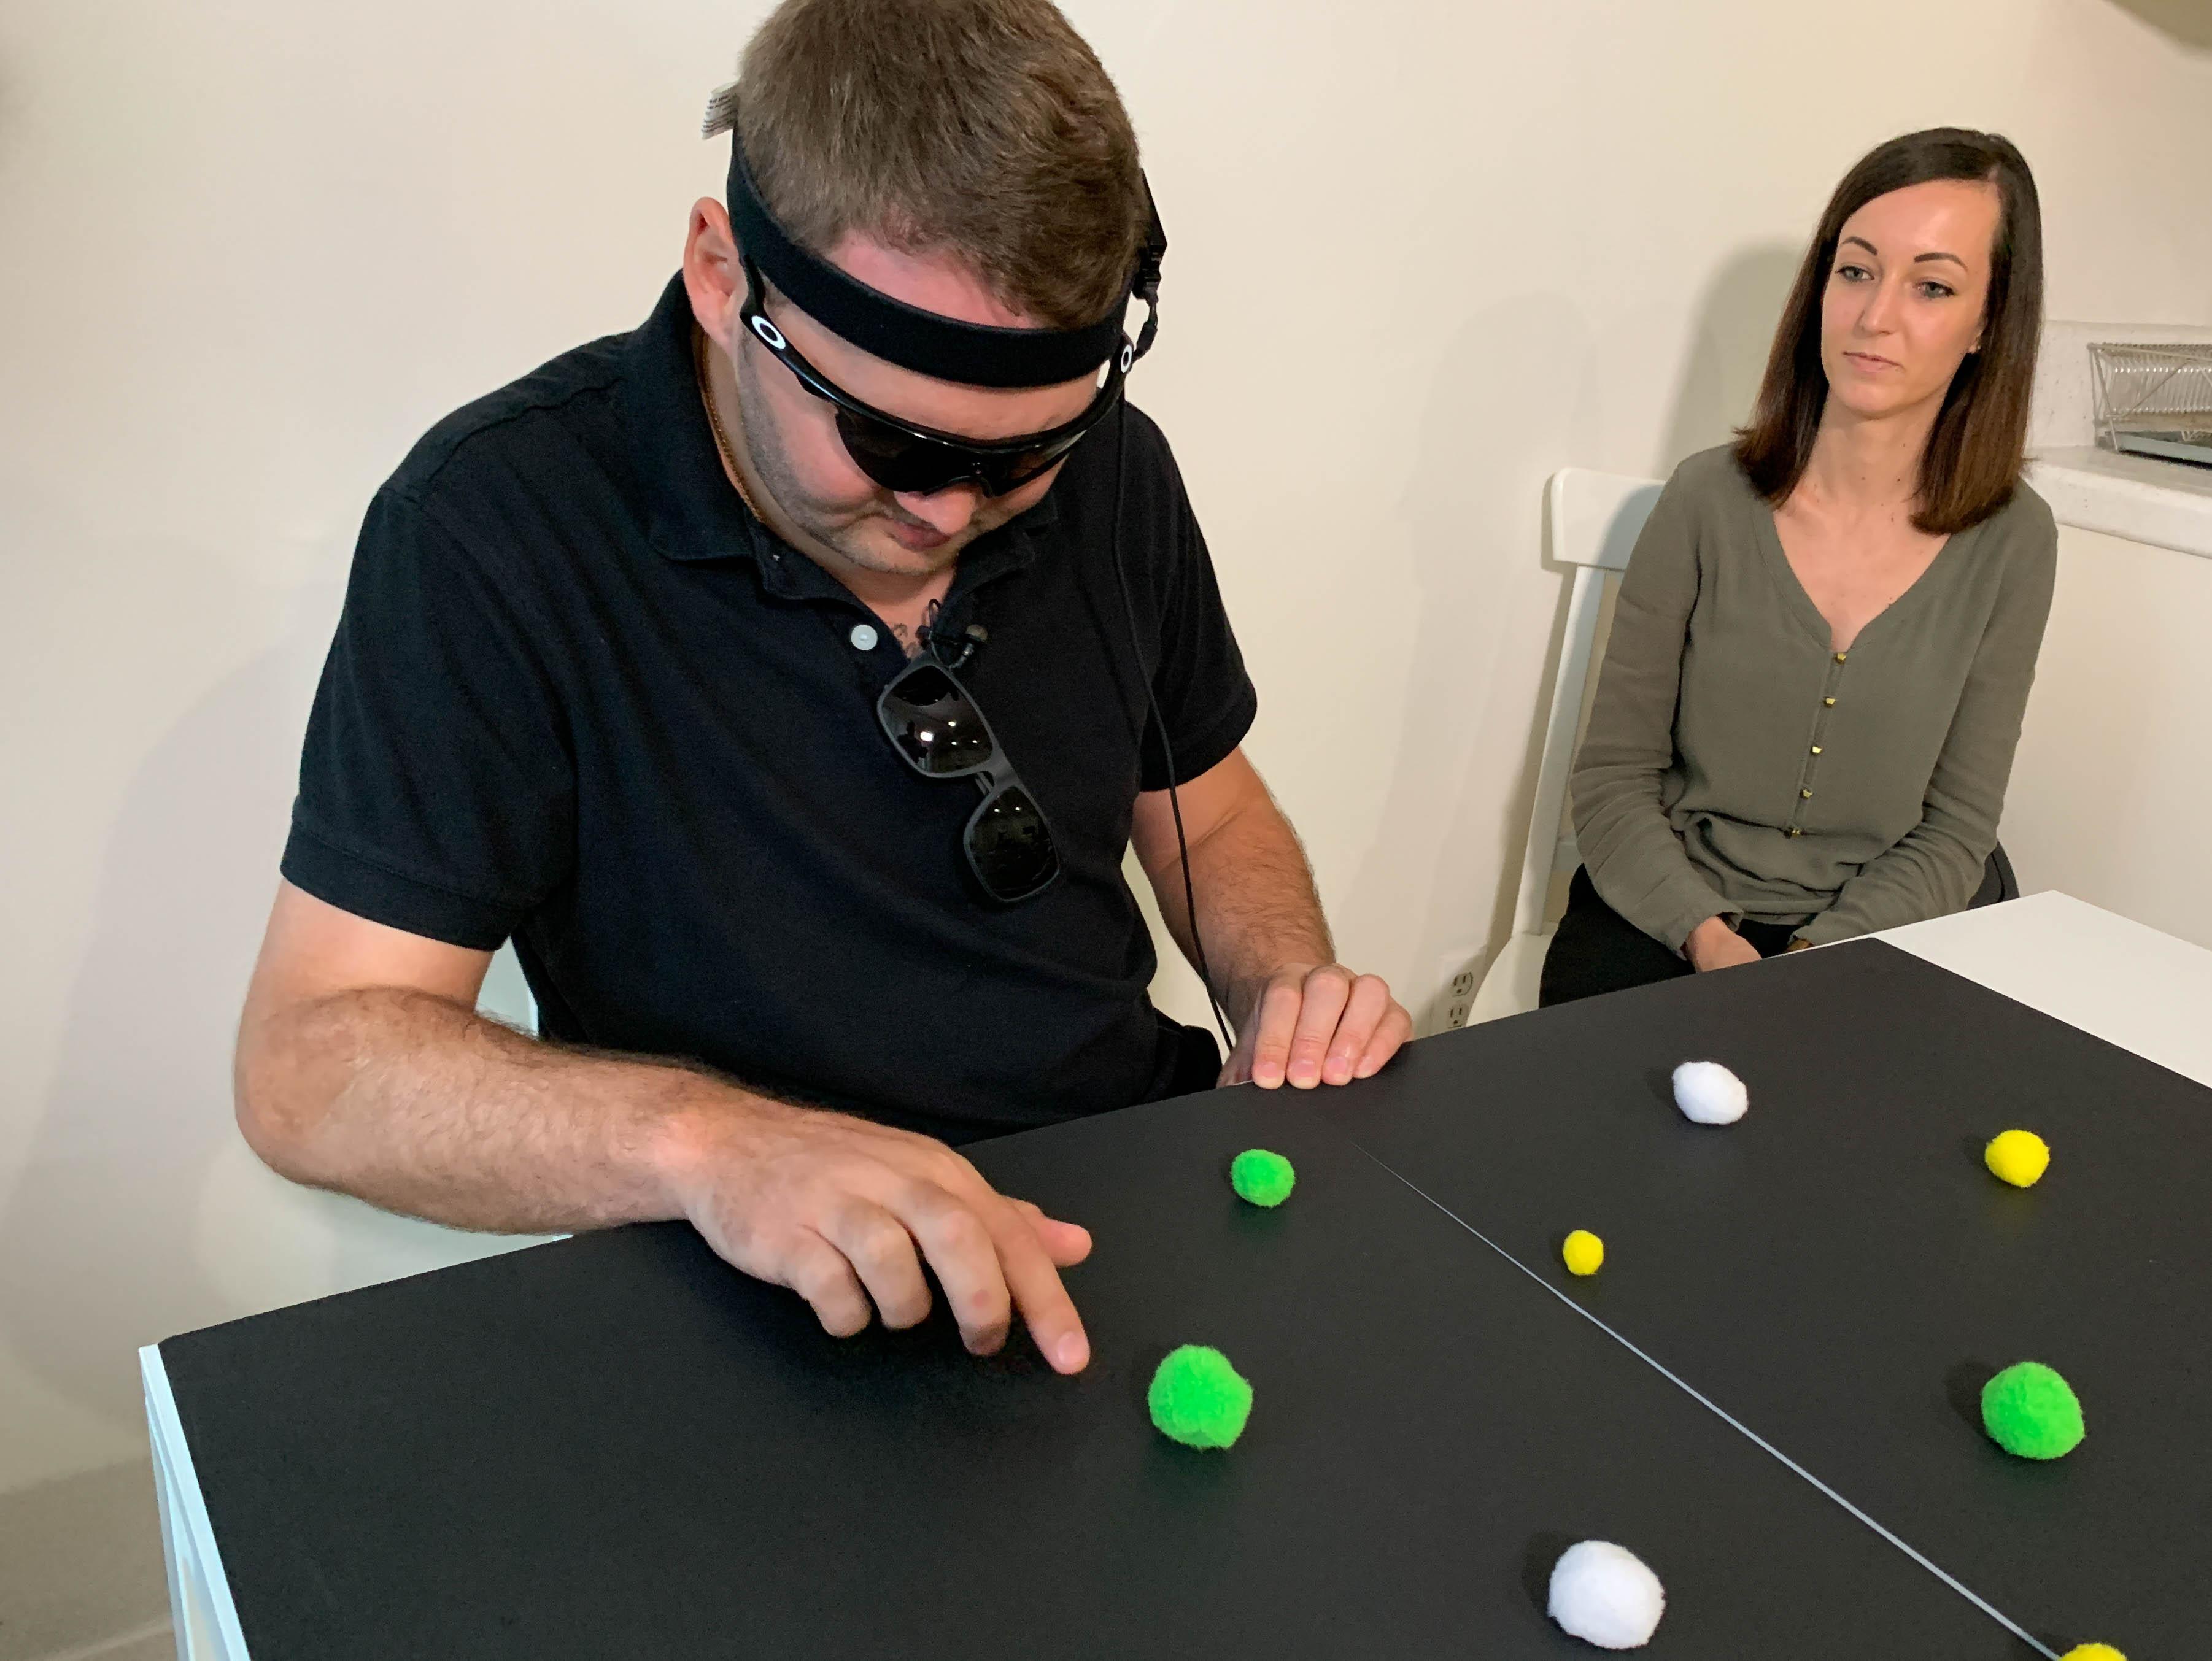 Нейроимплант помог ослепшим пациентам частично восстановить зрение